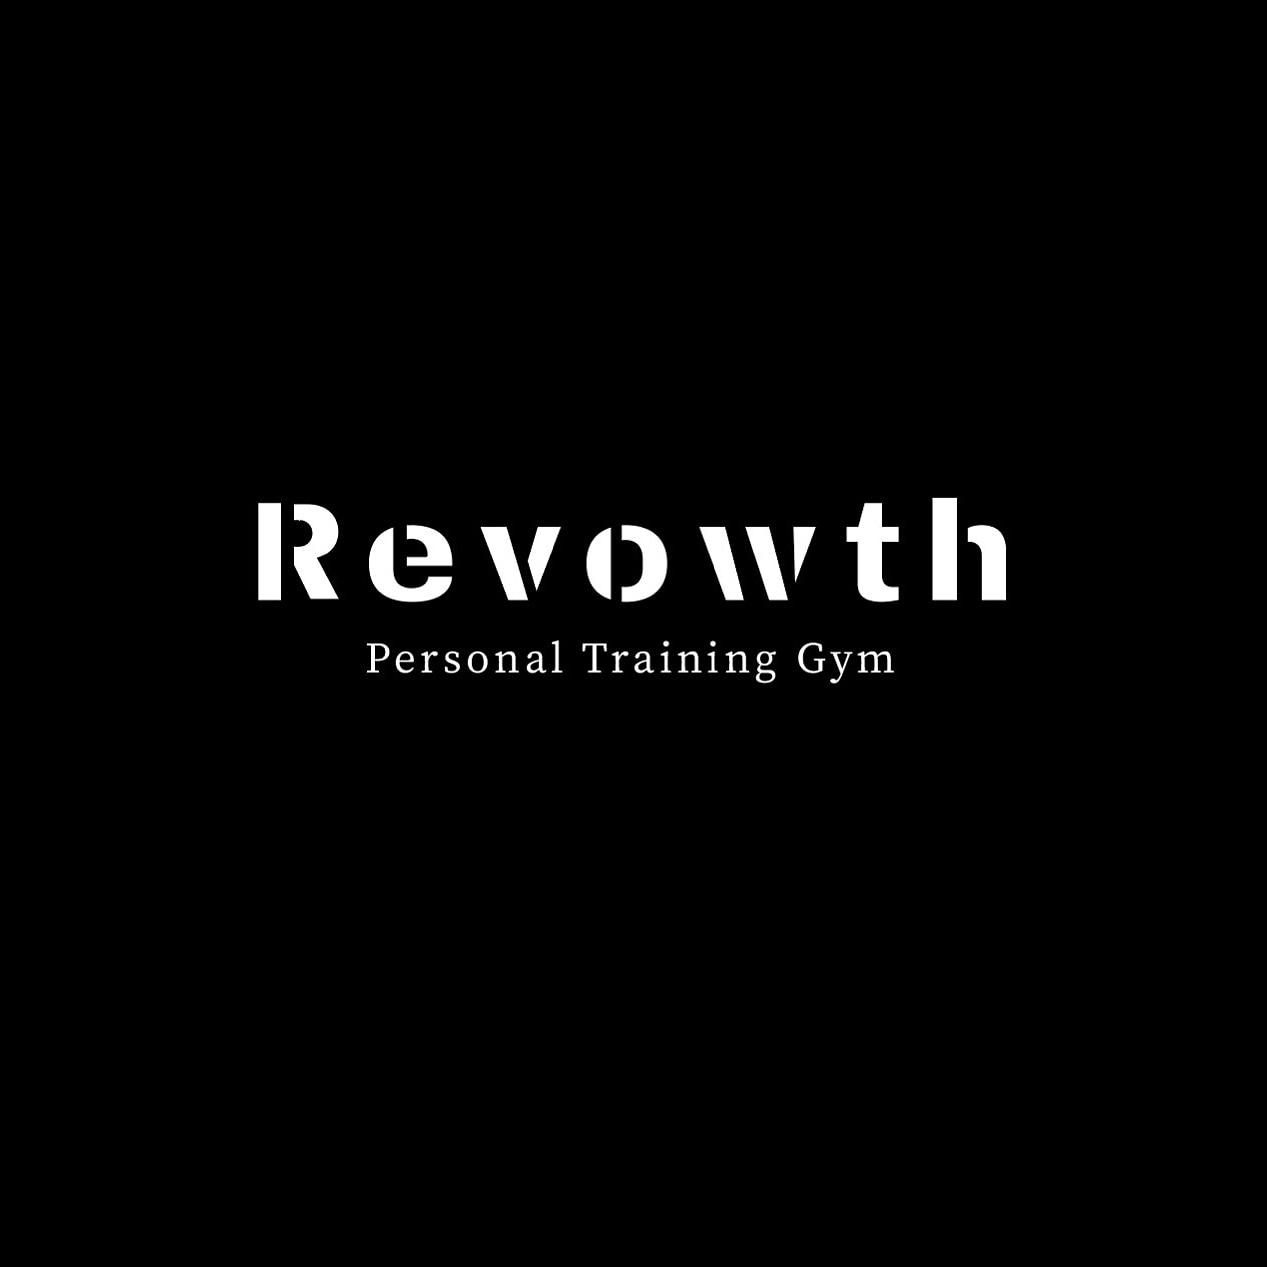 Revowth